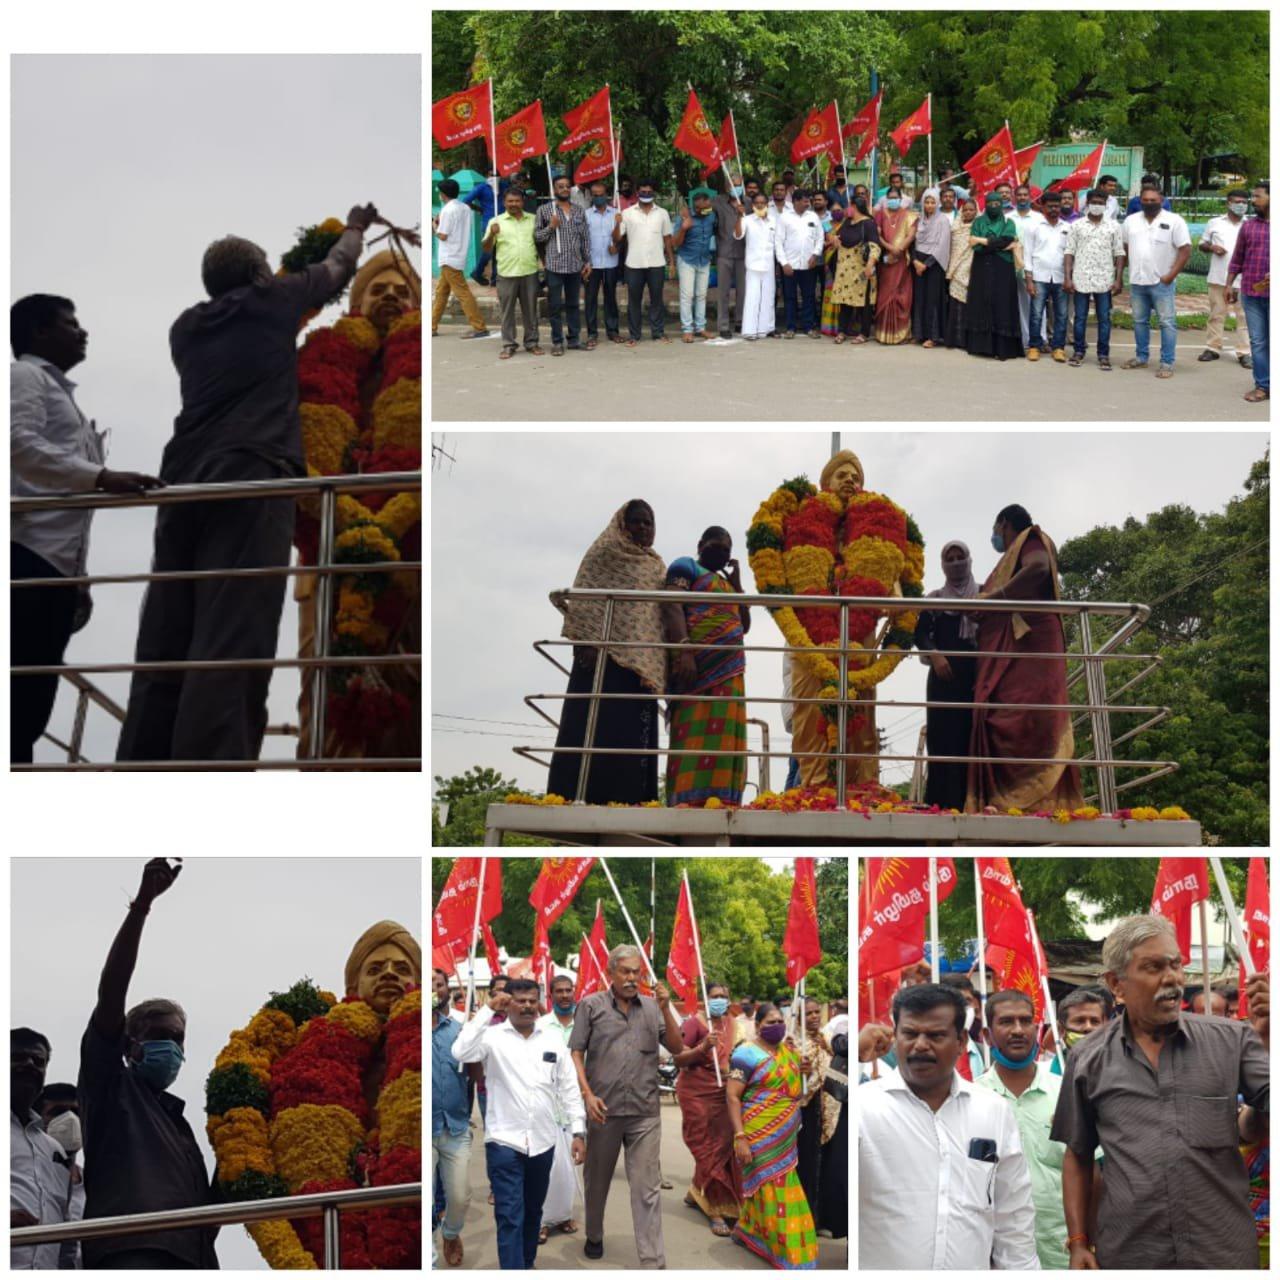 வ.உ.சிதம்பரனார் புகழ்வணக்கம் - திருச்சி மாநகரம்